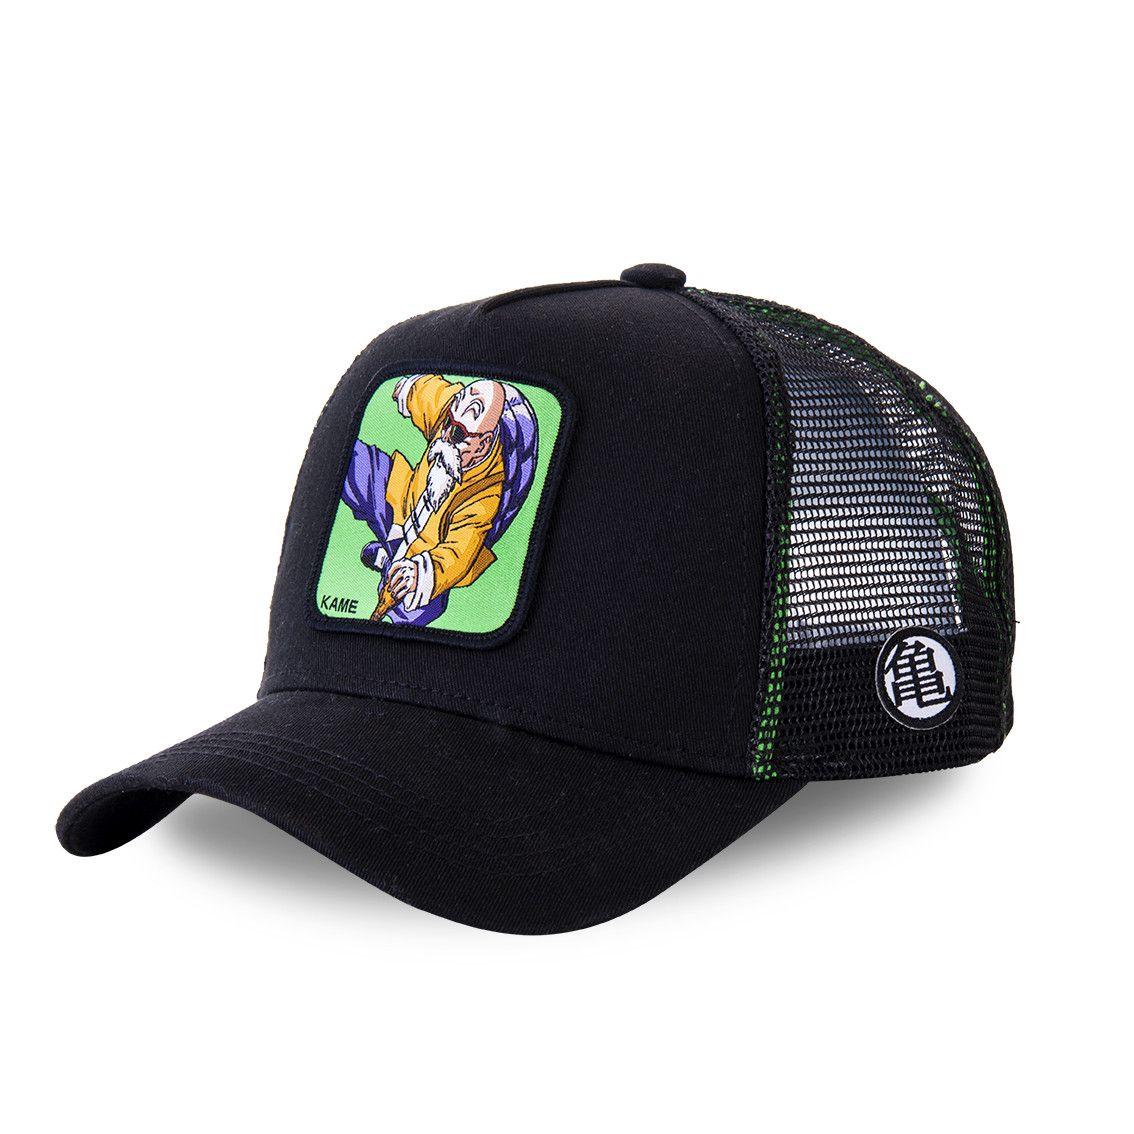 Casquette trucker capslab dragon ball z noir et vert